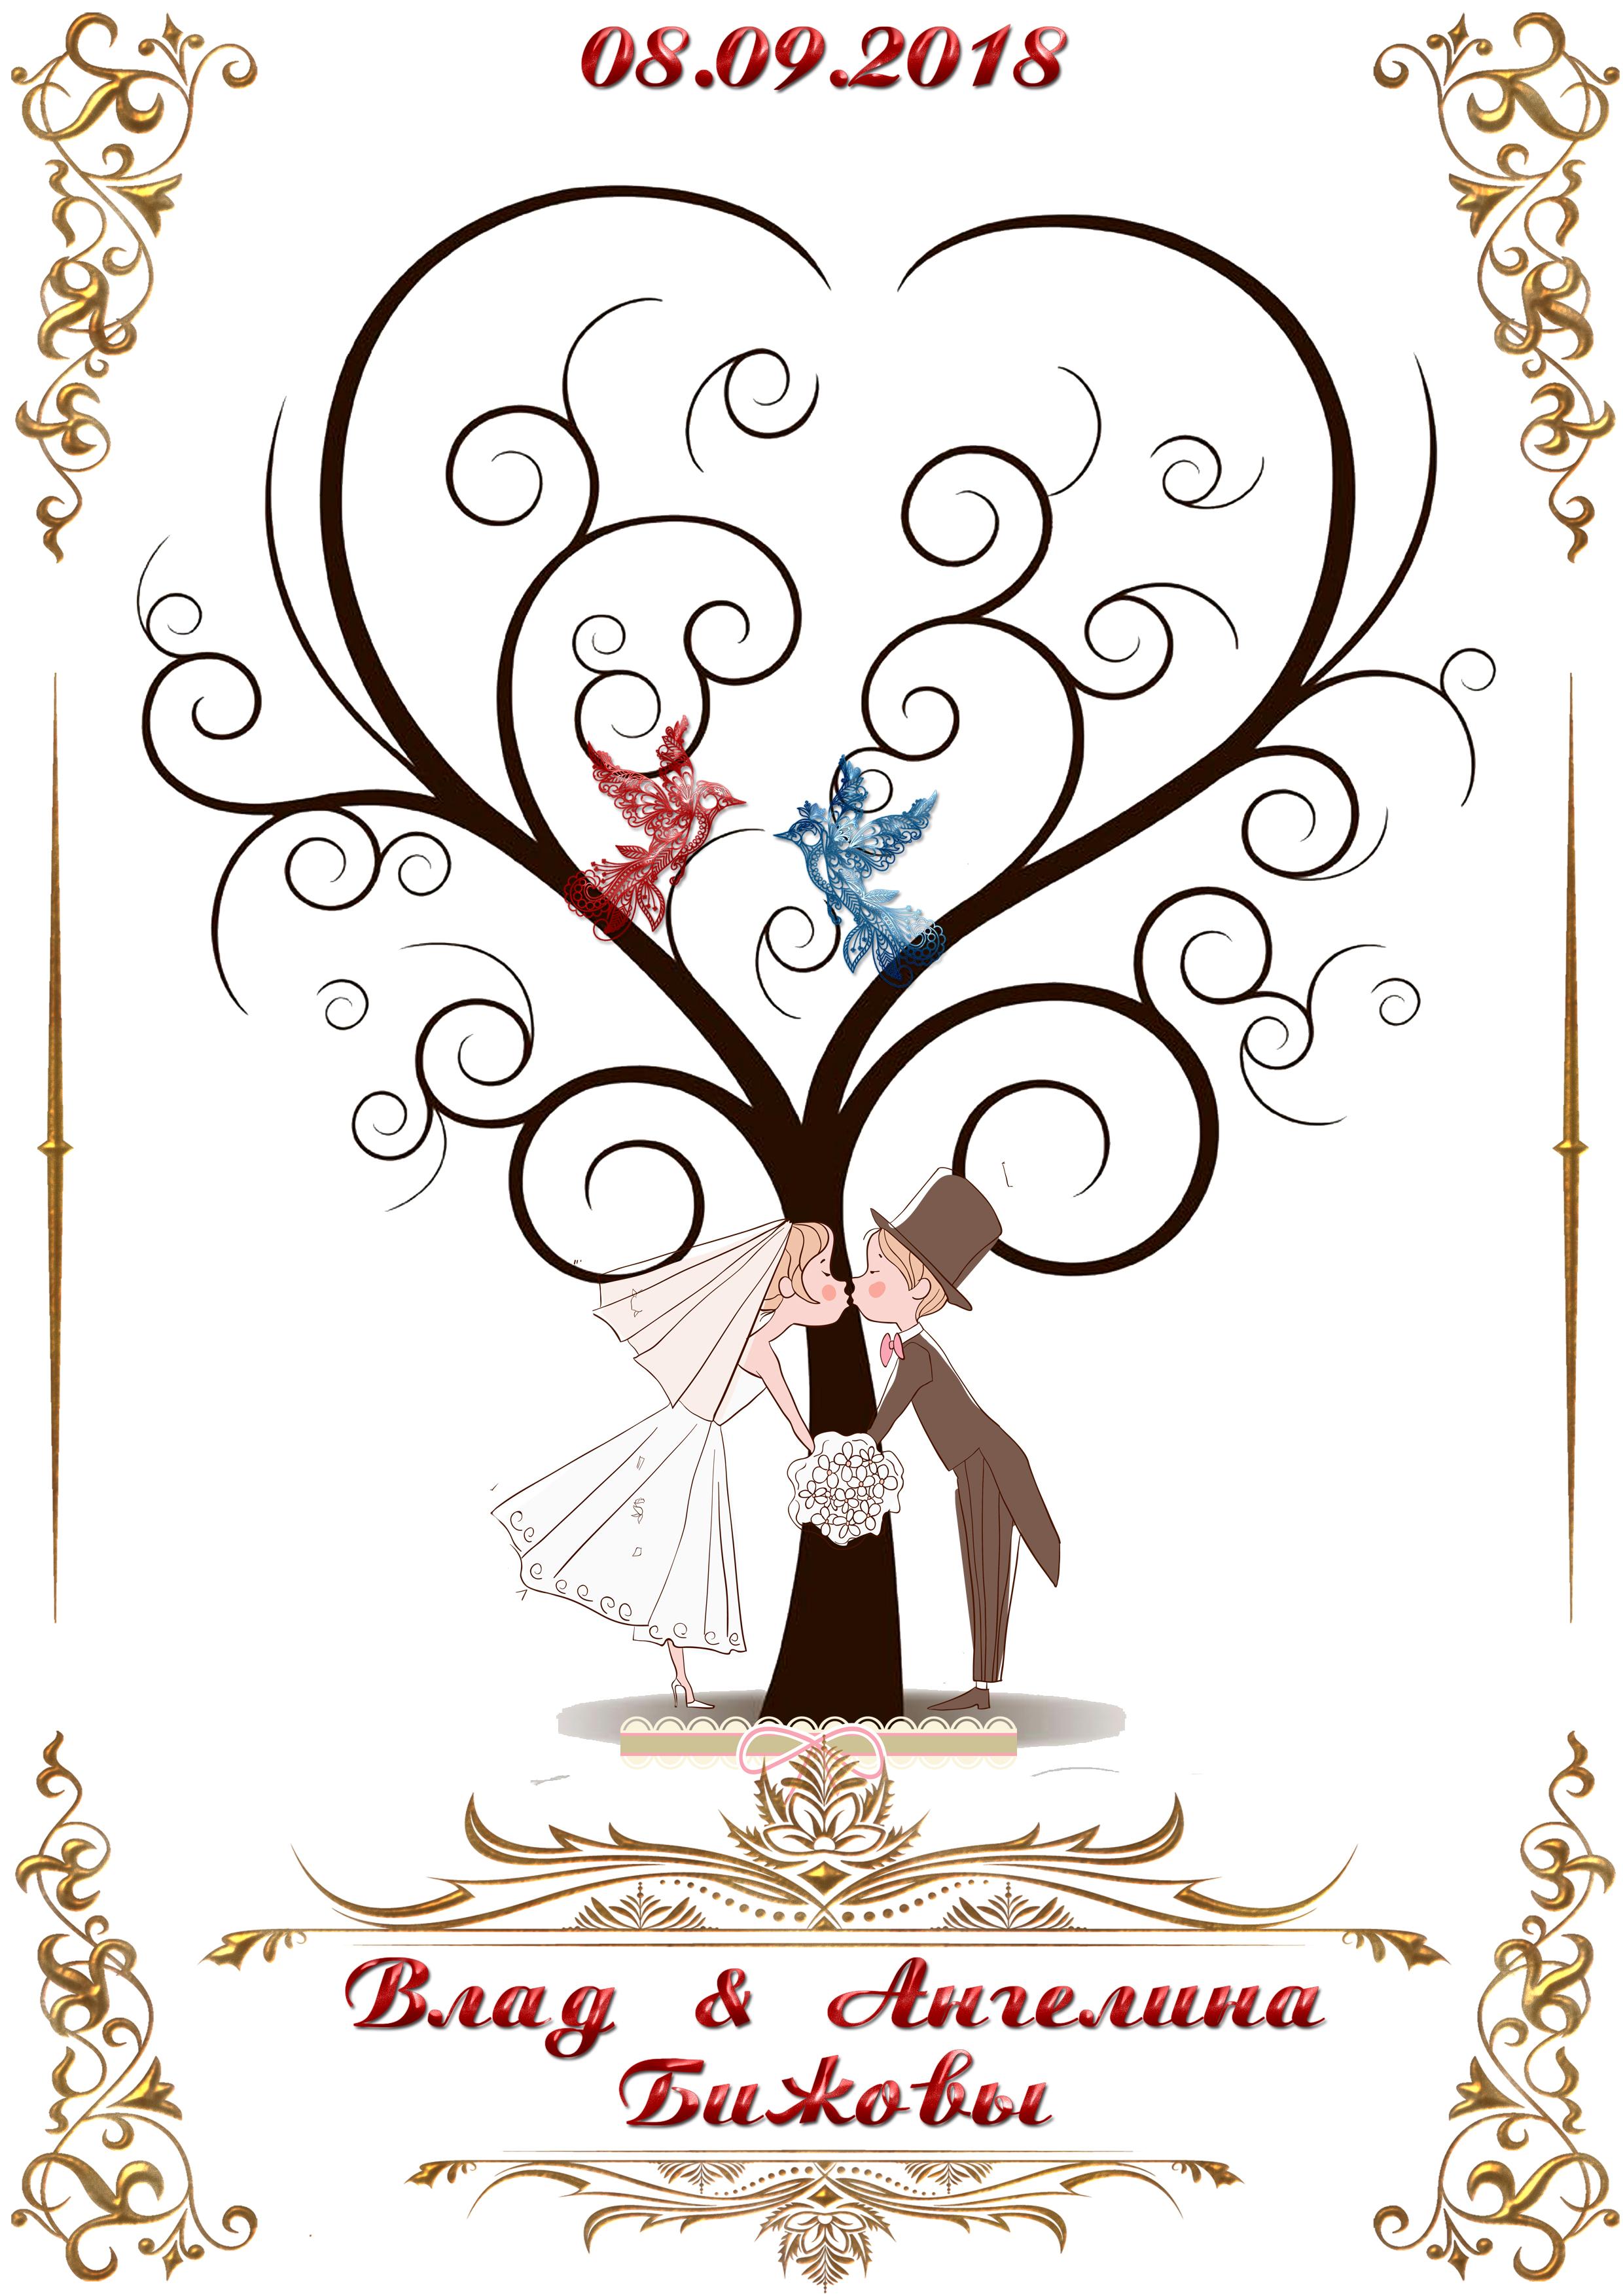 покупке шаблон свадебного дерева пожеланий как